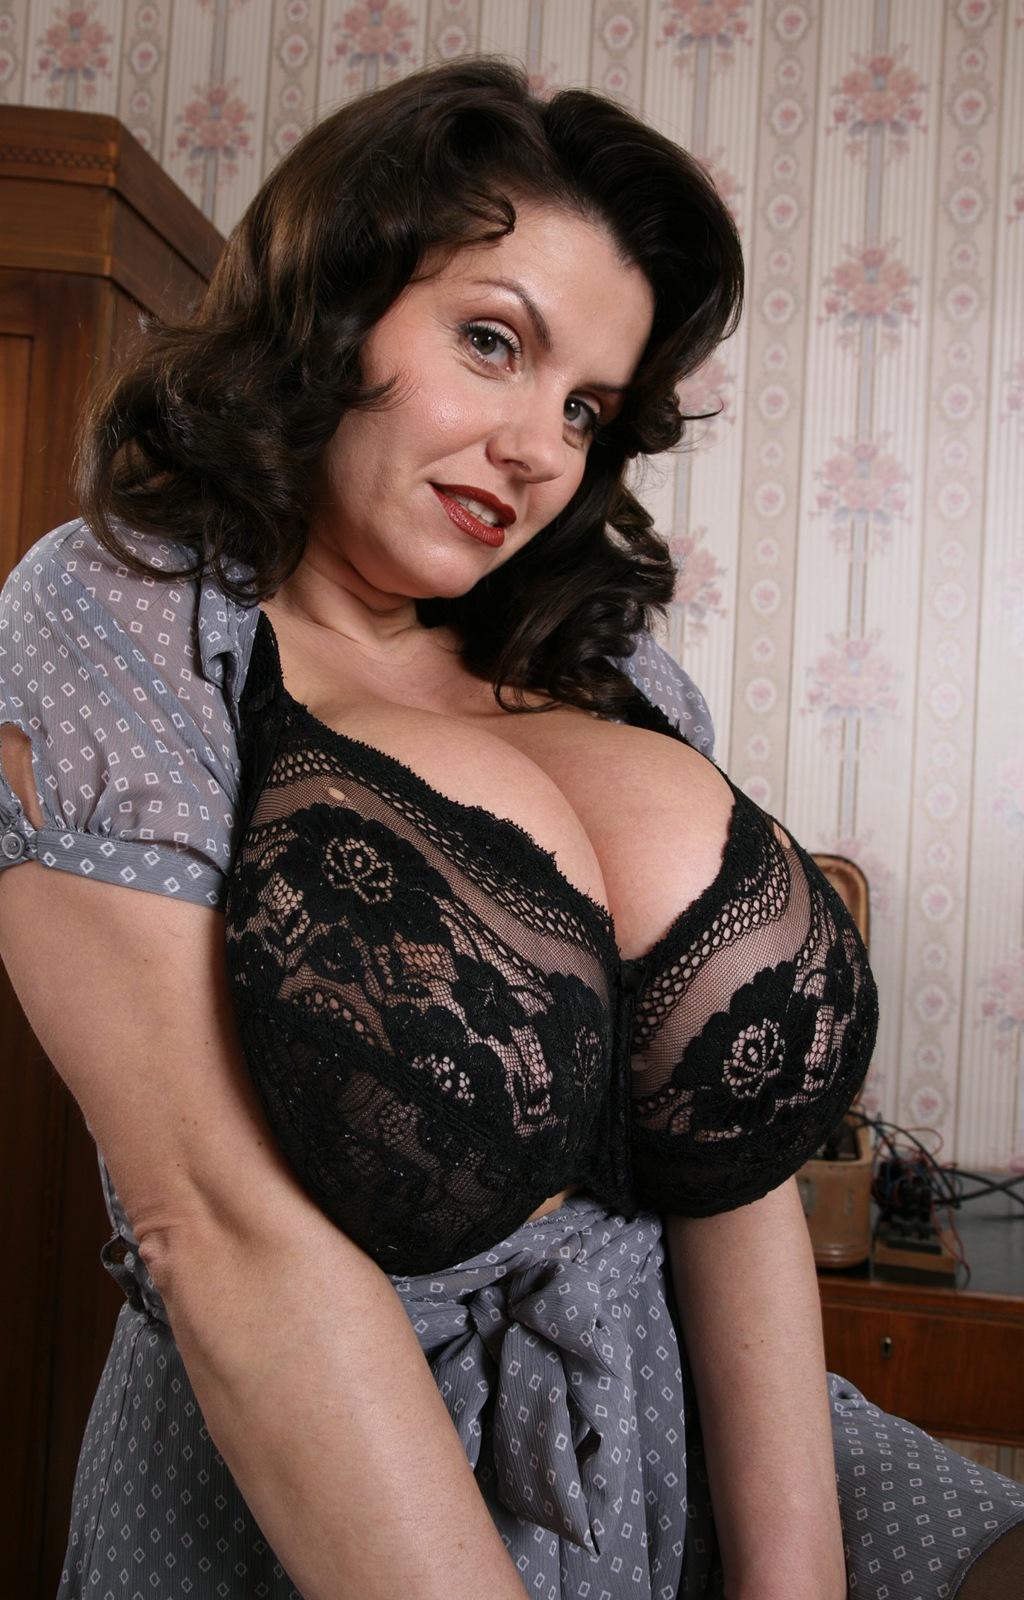 Aneta Buena Anna Jota - Sex Porn Images